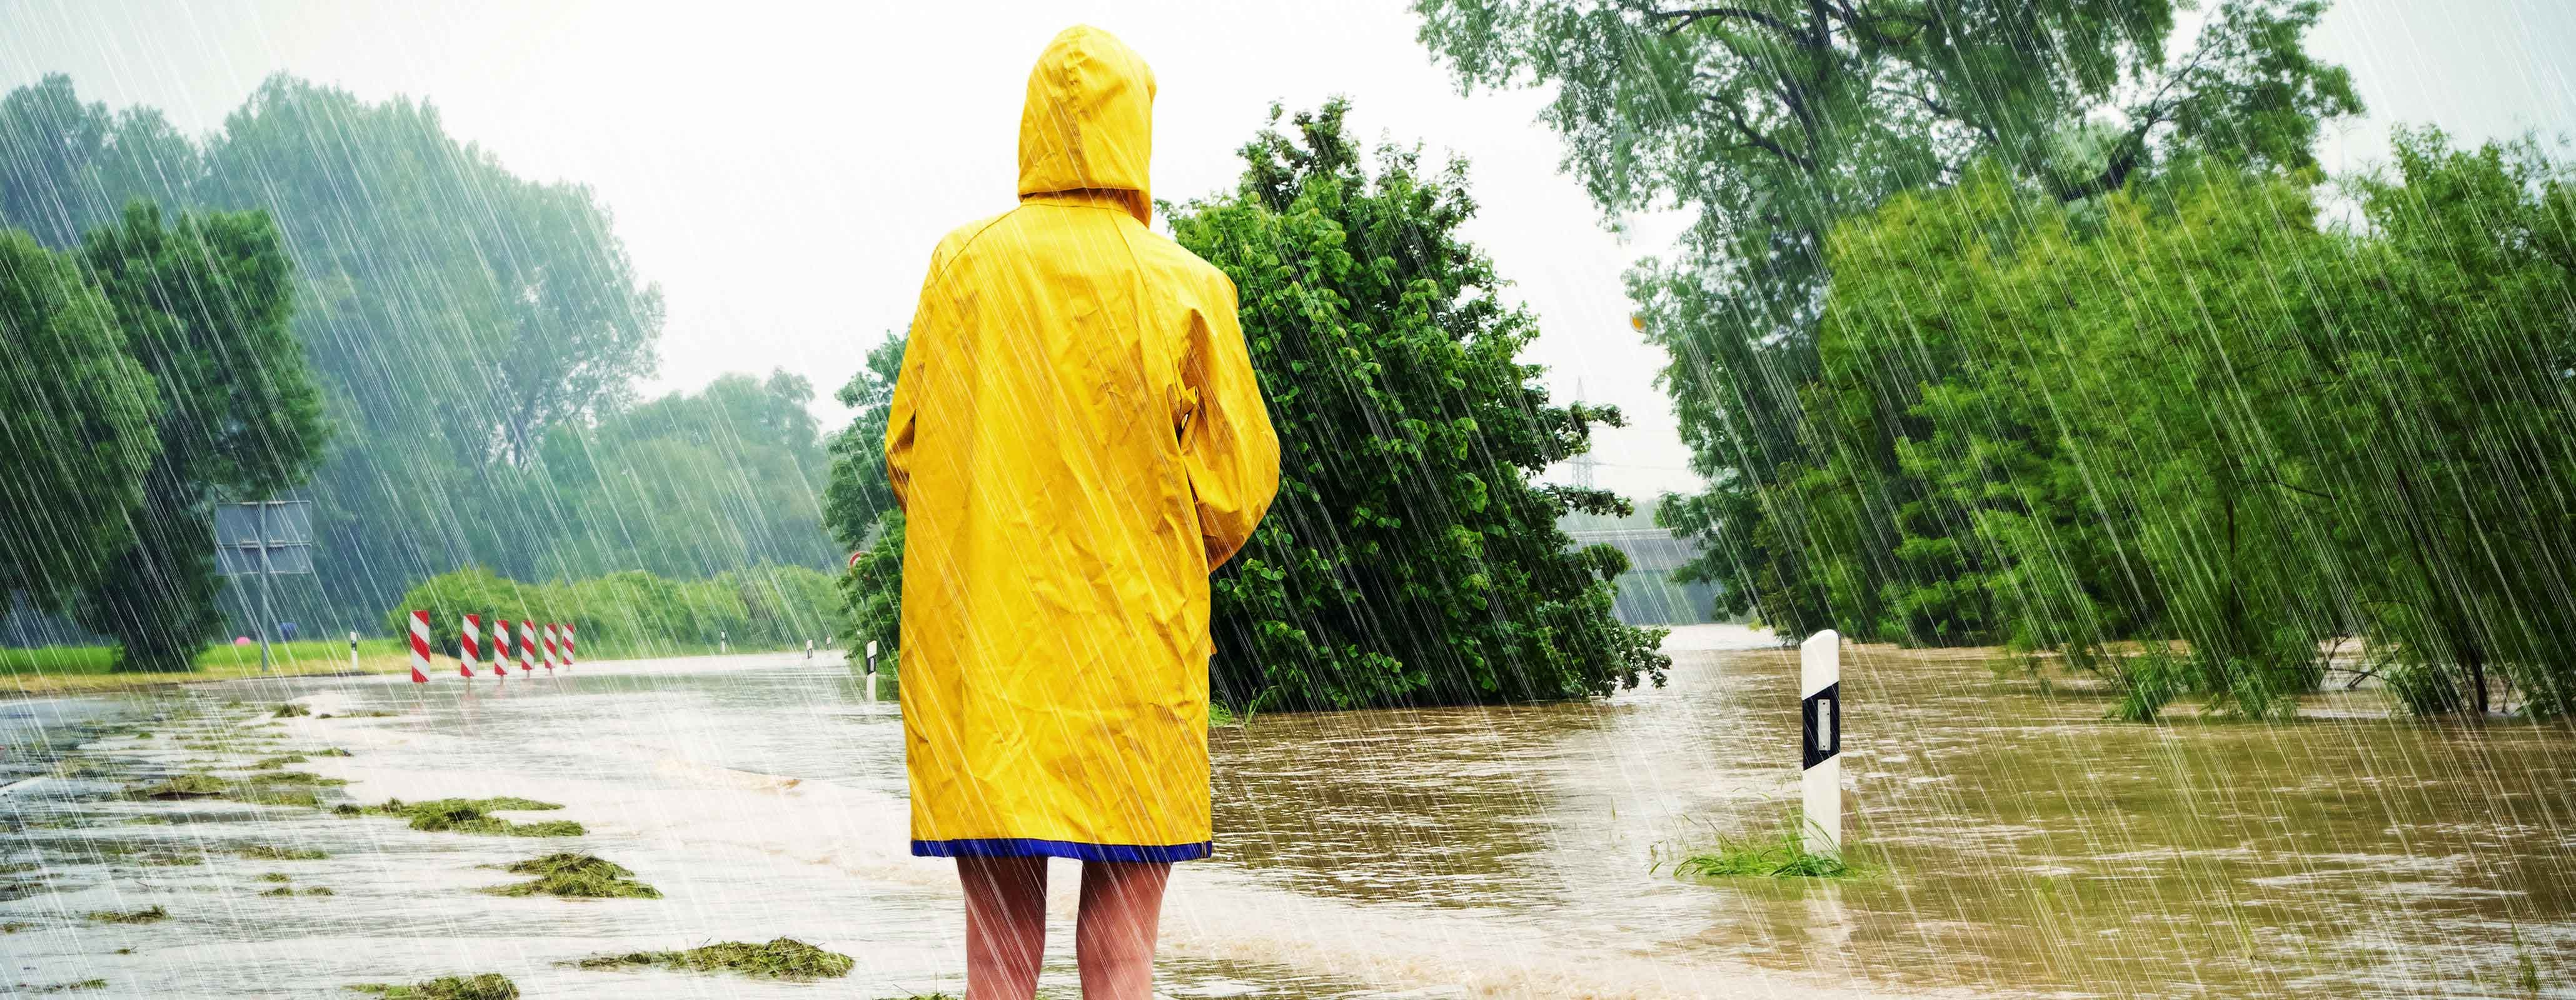 Persoon staat in hevige regen